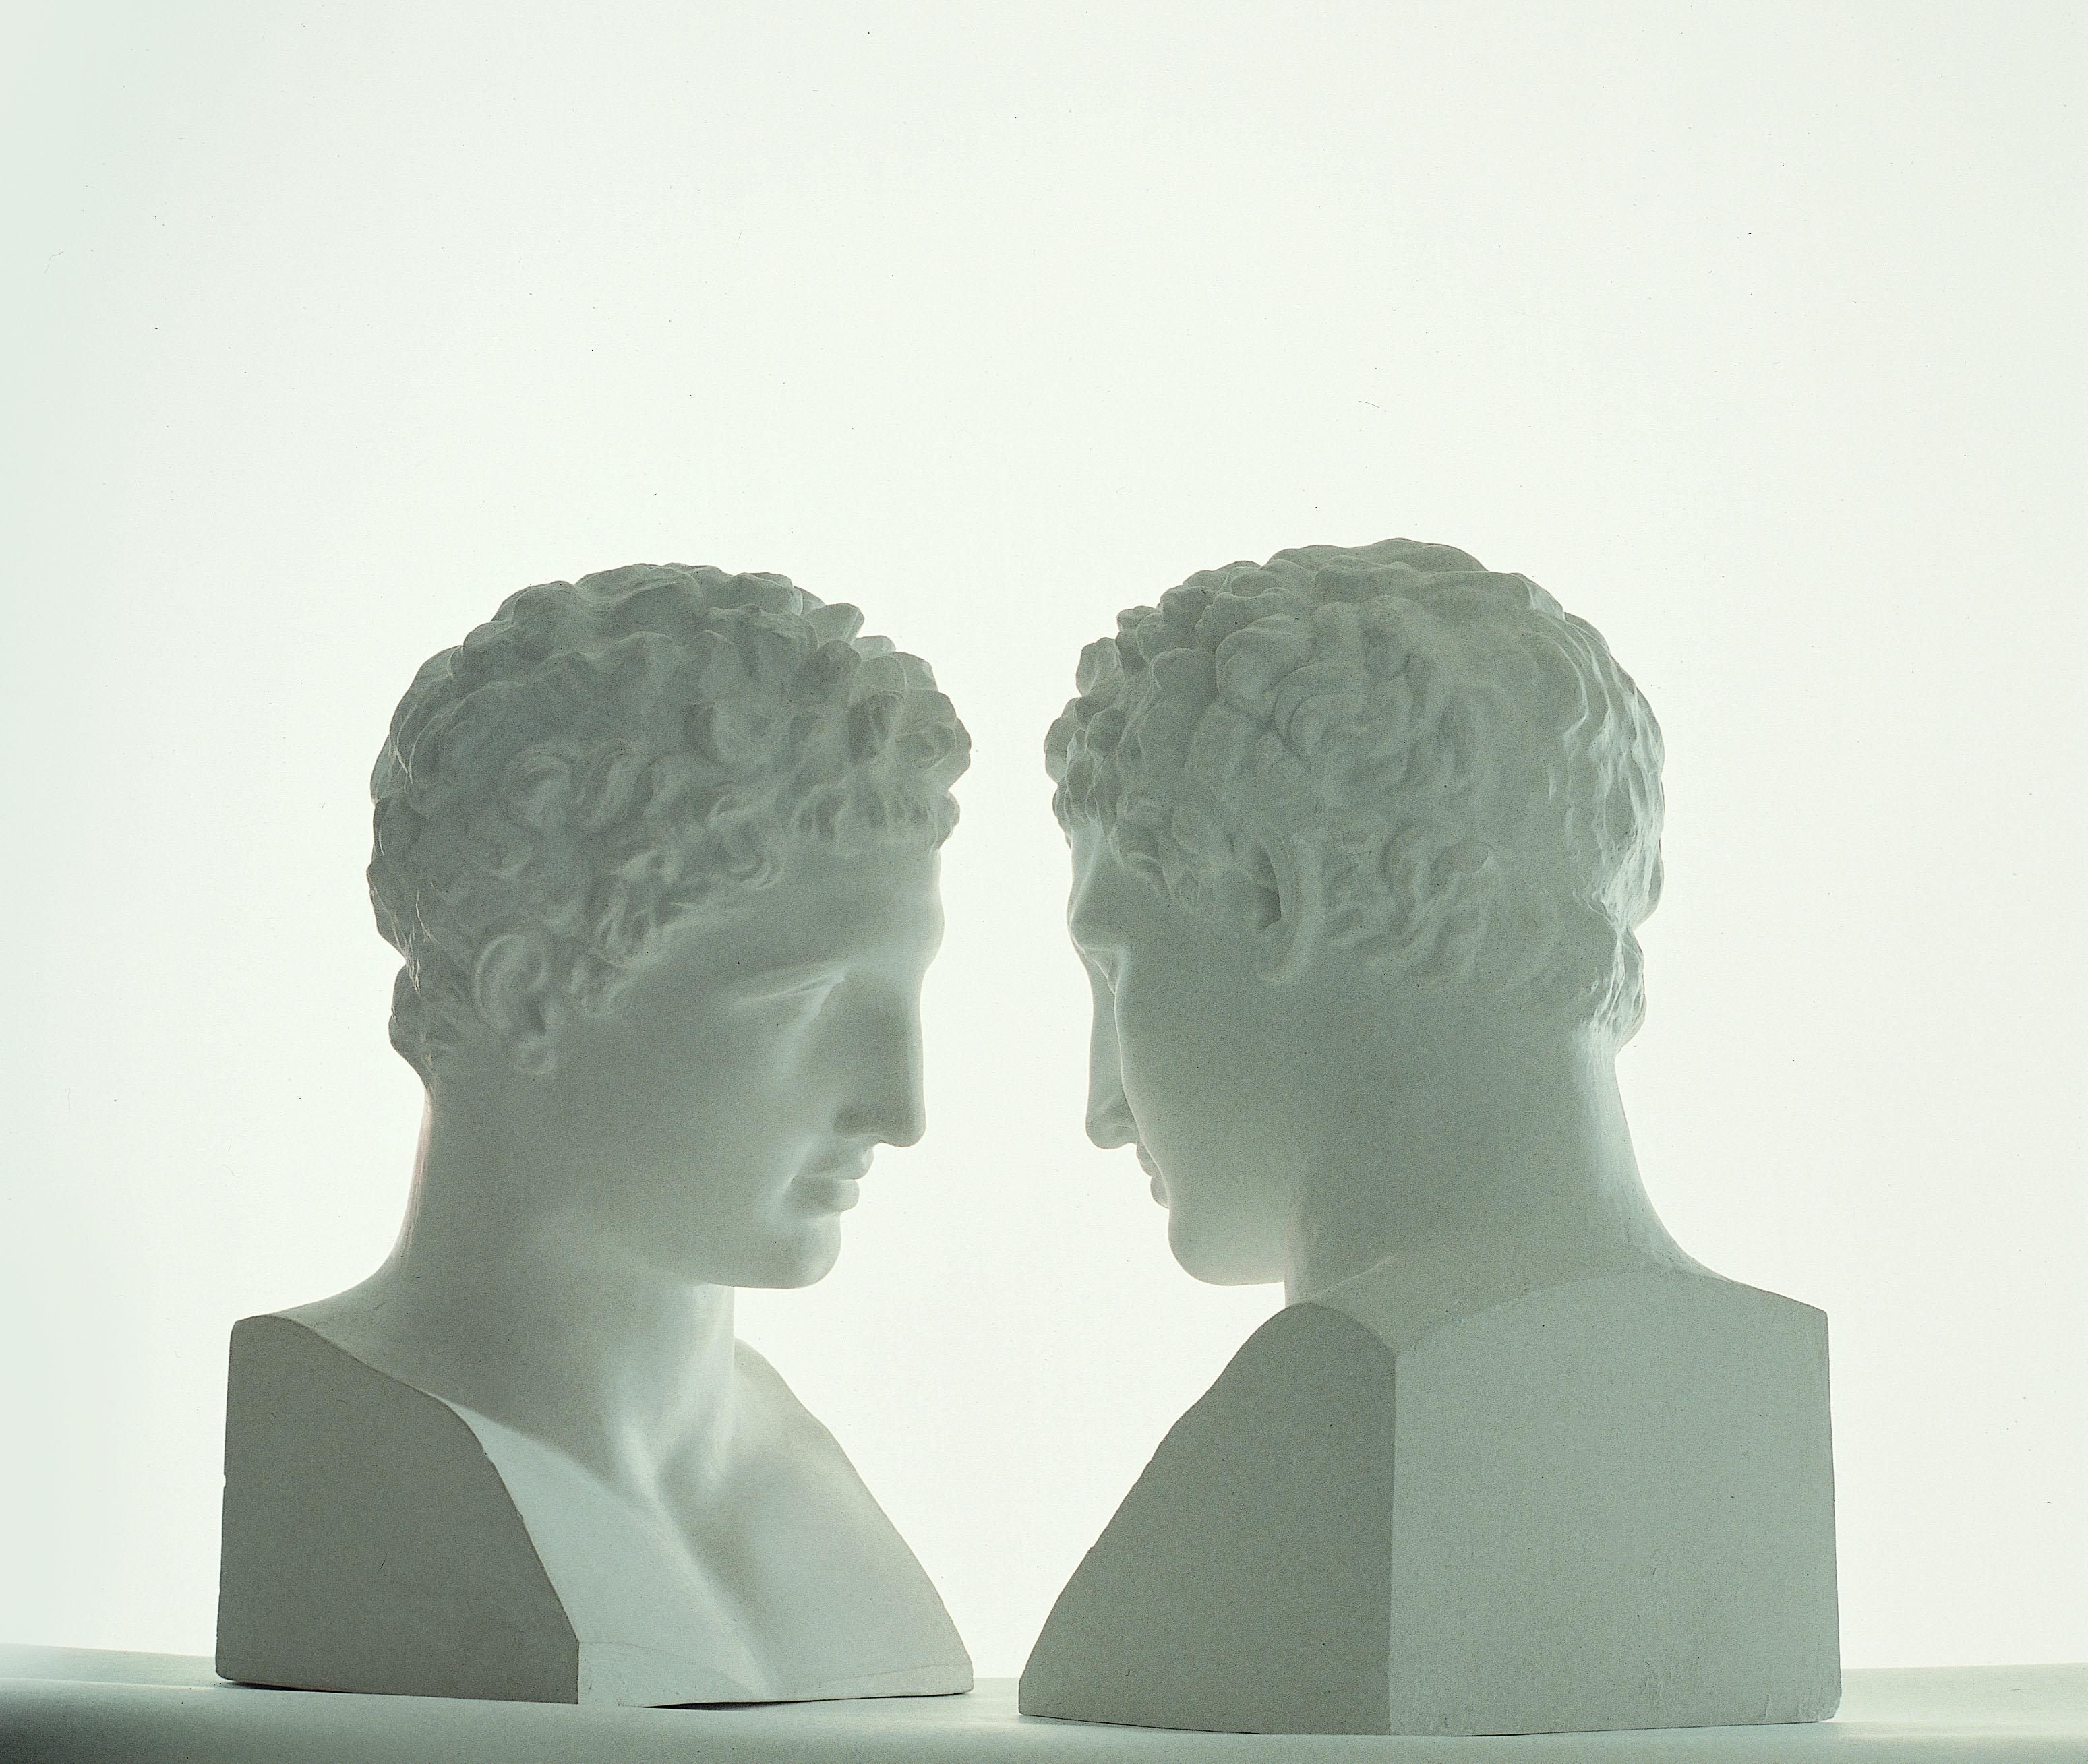 Giulio Paolini, Mimesi, 1975, calchi in gesso, cm 48×23.5×25.5 (calchi) cm 120×35×35 (basi), Torino, Fondazione Giulio e Anna Paolini